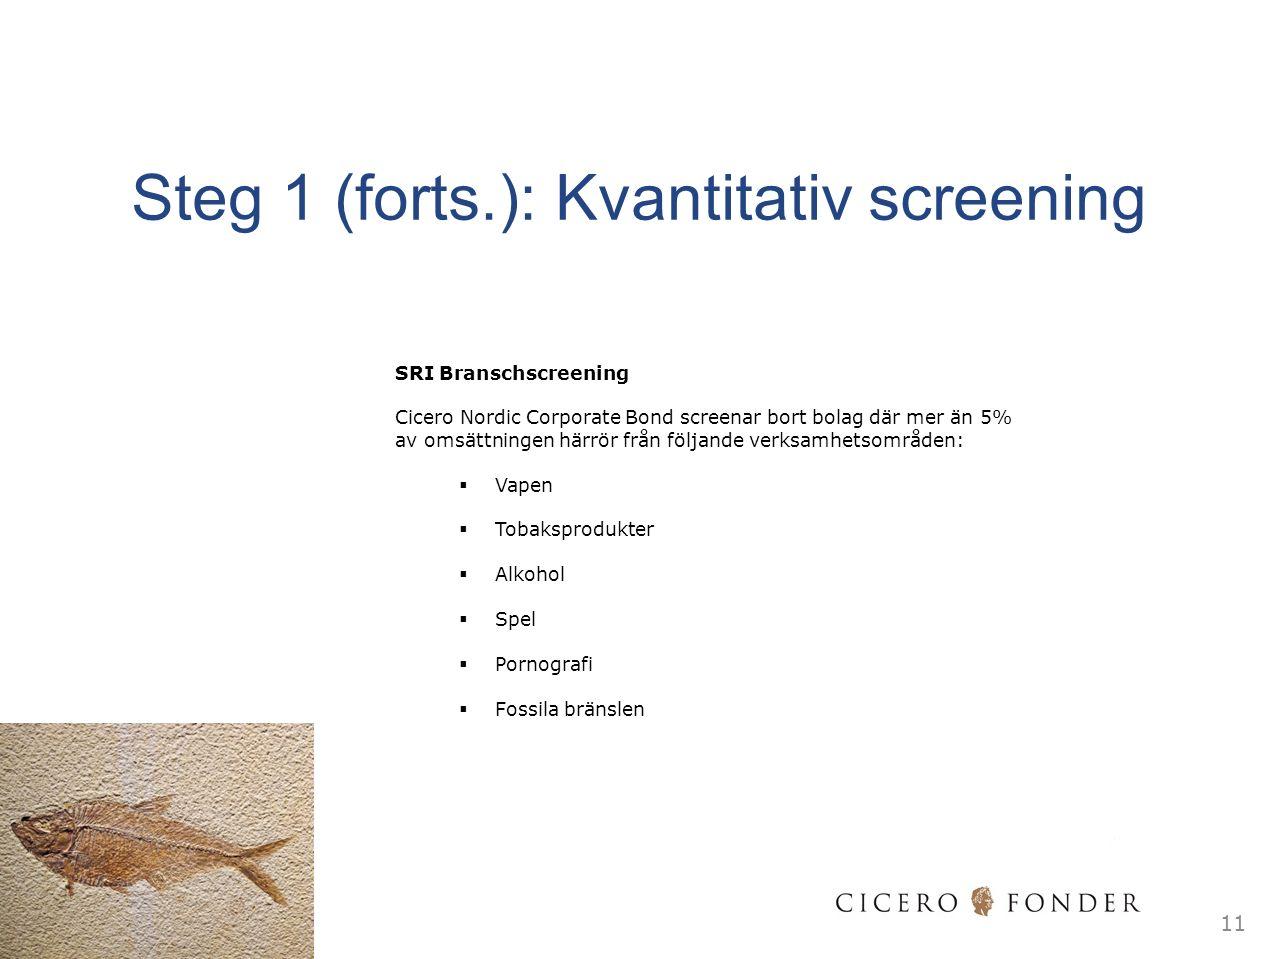 11 SRI Branschscreening Cicero Nordic Corporate Bond screenar bort bolag där mer än 5% av omsättningen härrör från följande verksamhetsområden:  Vapen  Tobaksprodukter  Alkohol  Spel  Pornografi  Fossila bränslen Steg 1 (forts.): Kvantitativ screening